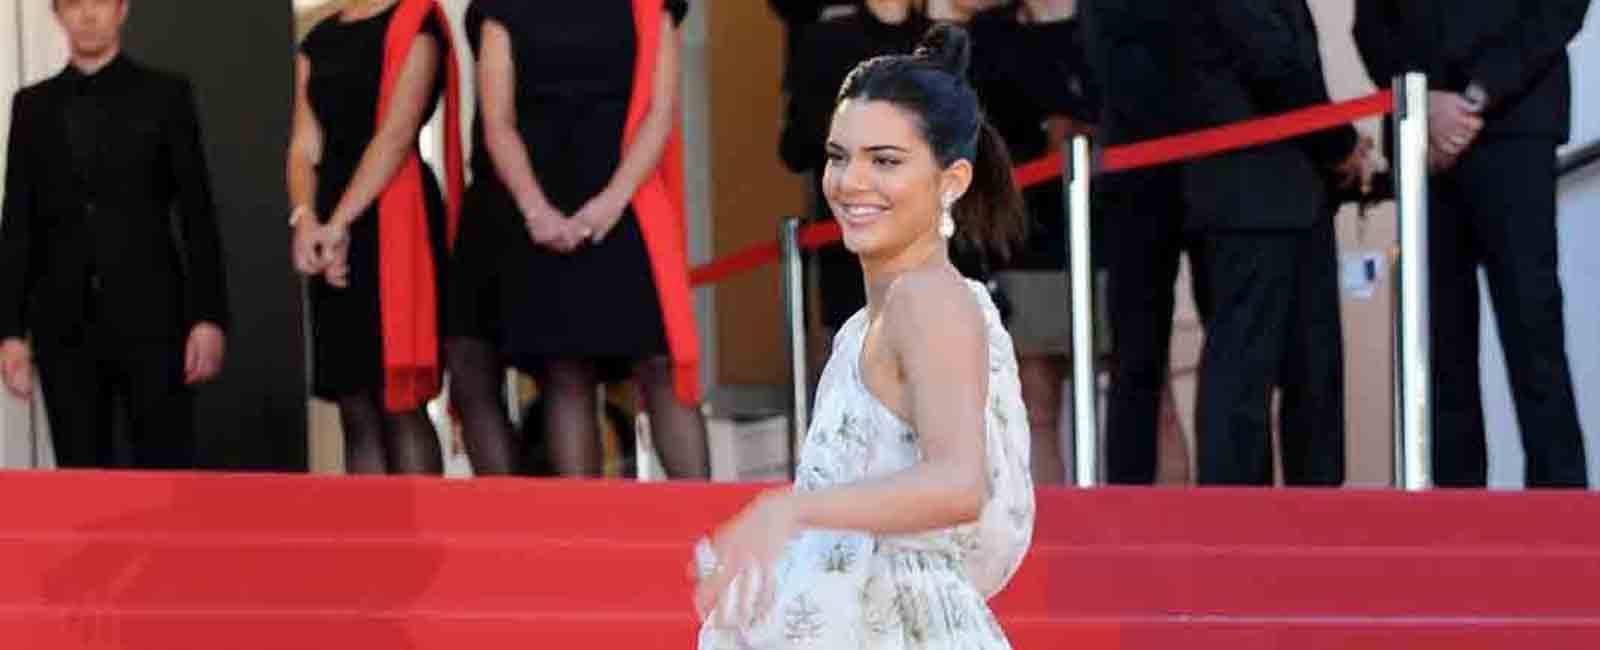 Kendall Jenner se desnuda en Instagram